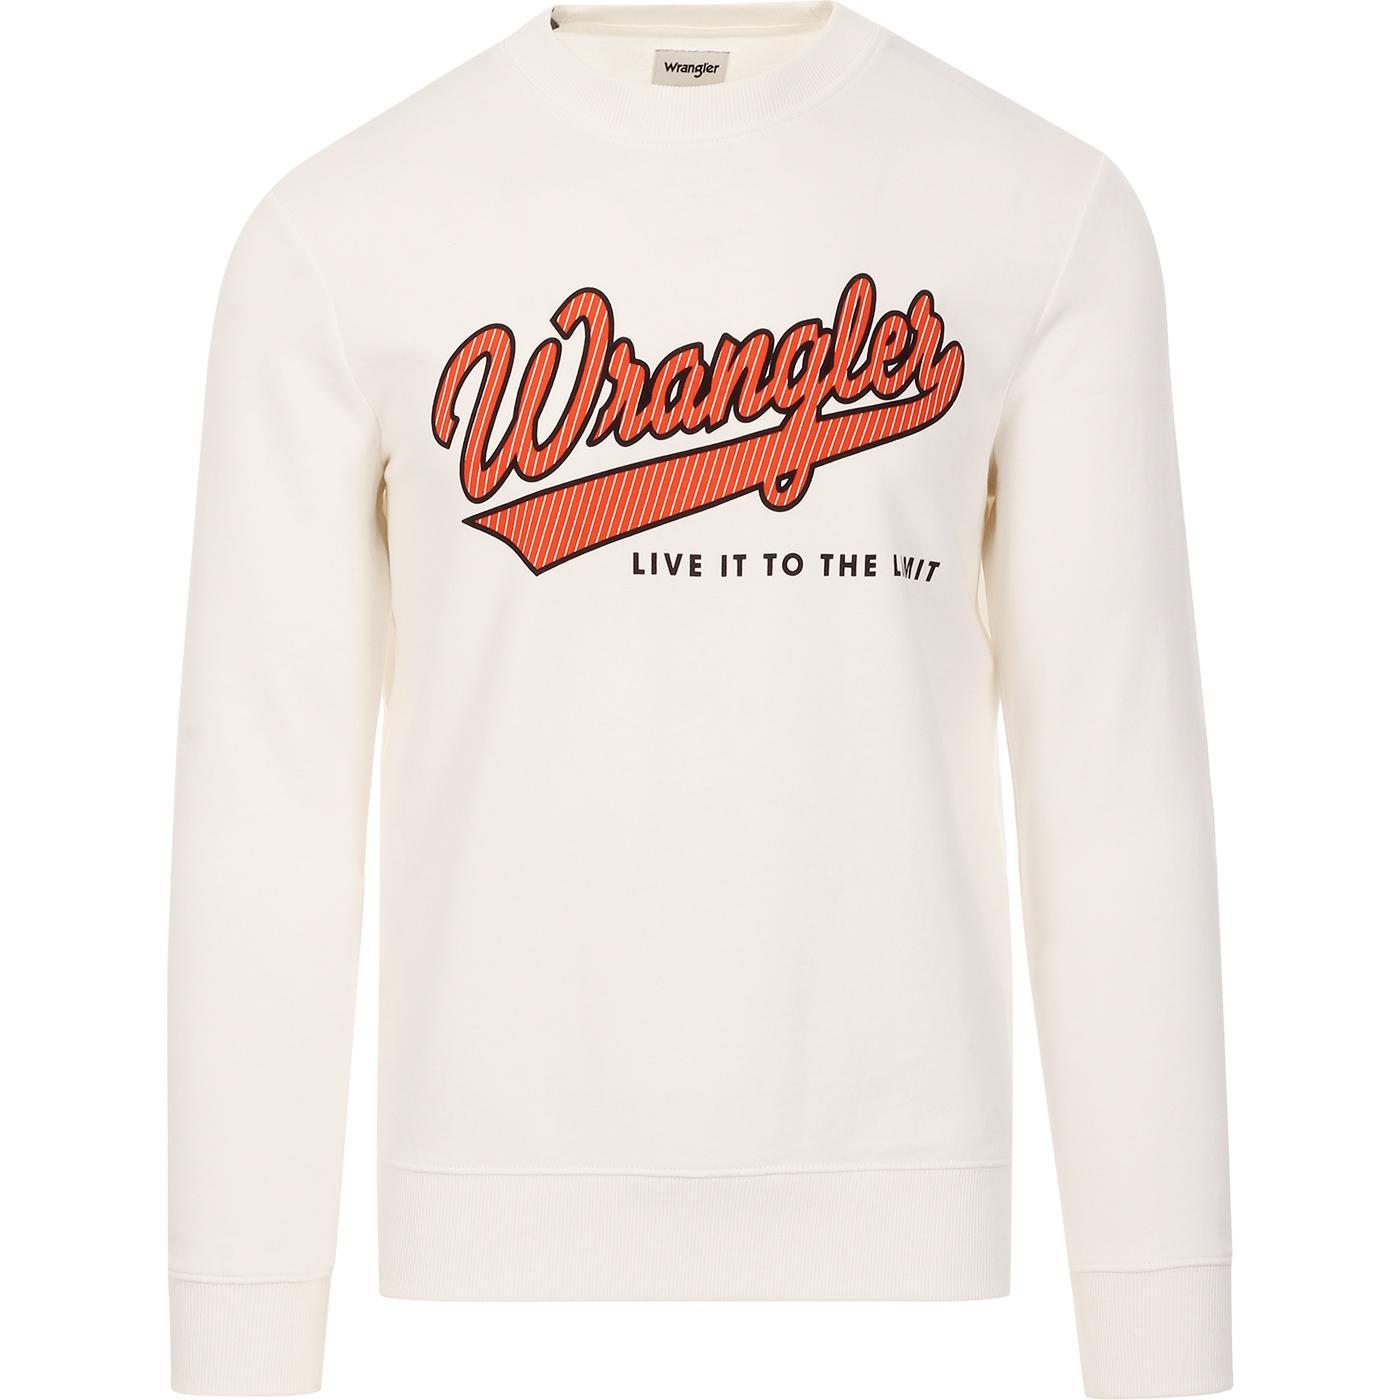 WRANGLER Live It To The Limit Retro 70s Sweatshirt